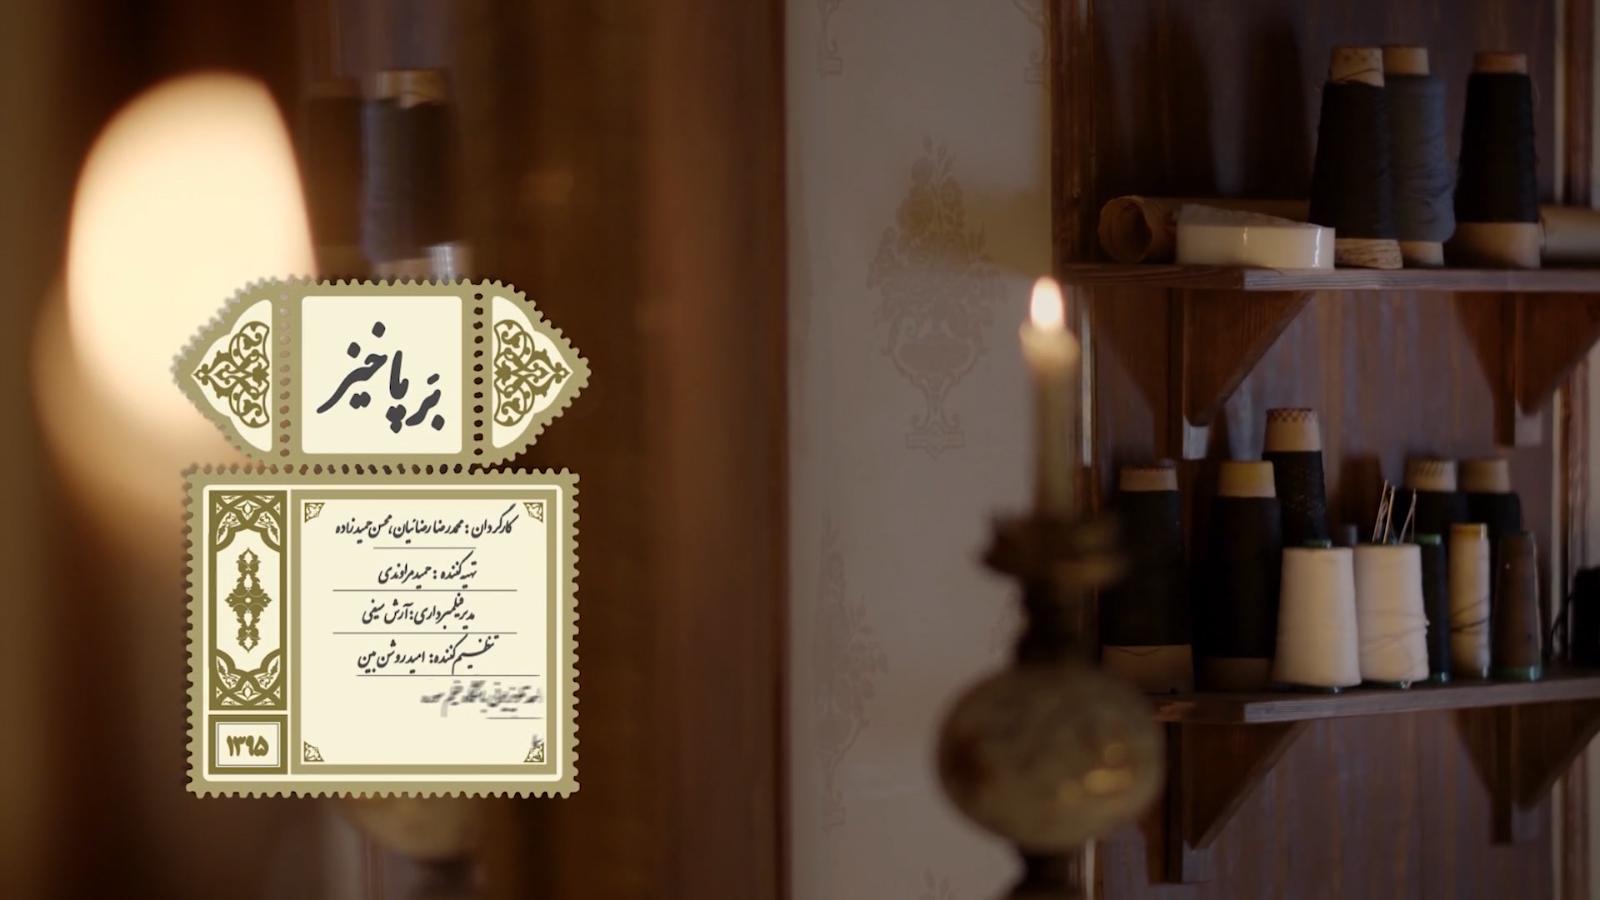 نماهنگ «برپاخیز» با موضوع روایت نهضت اسلامی منتشر شد